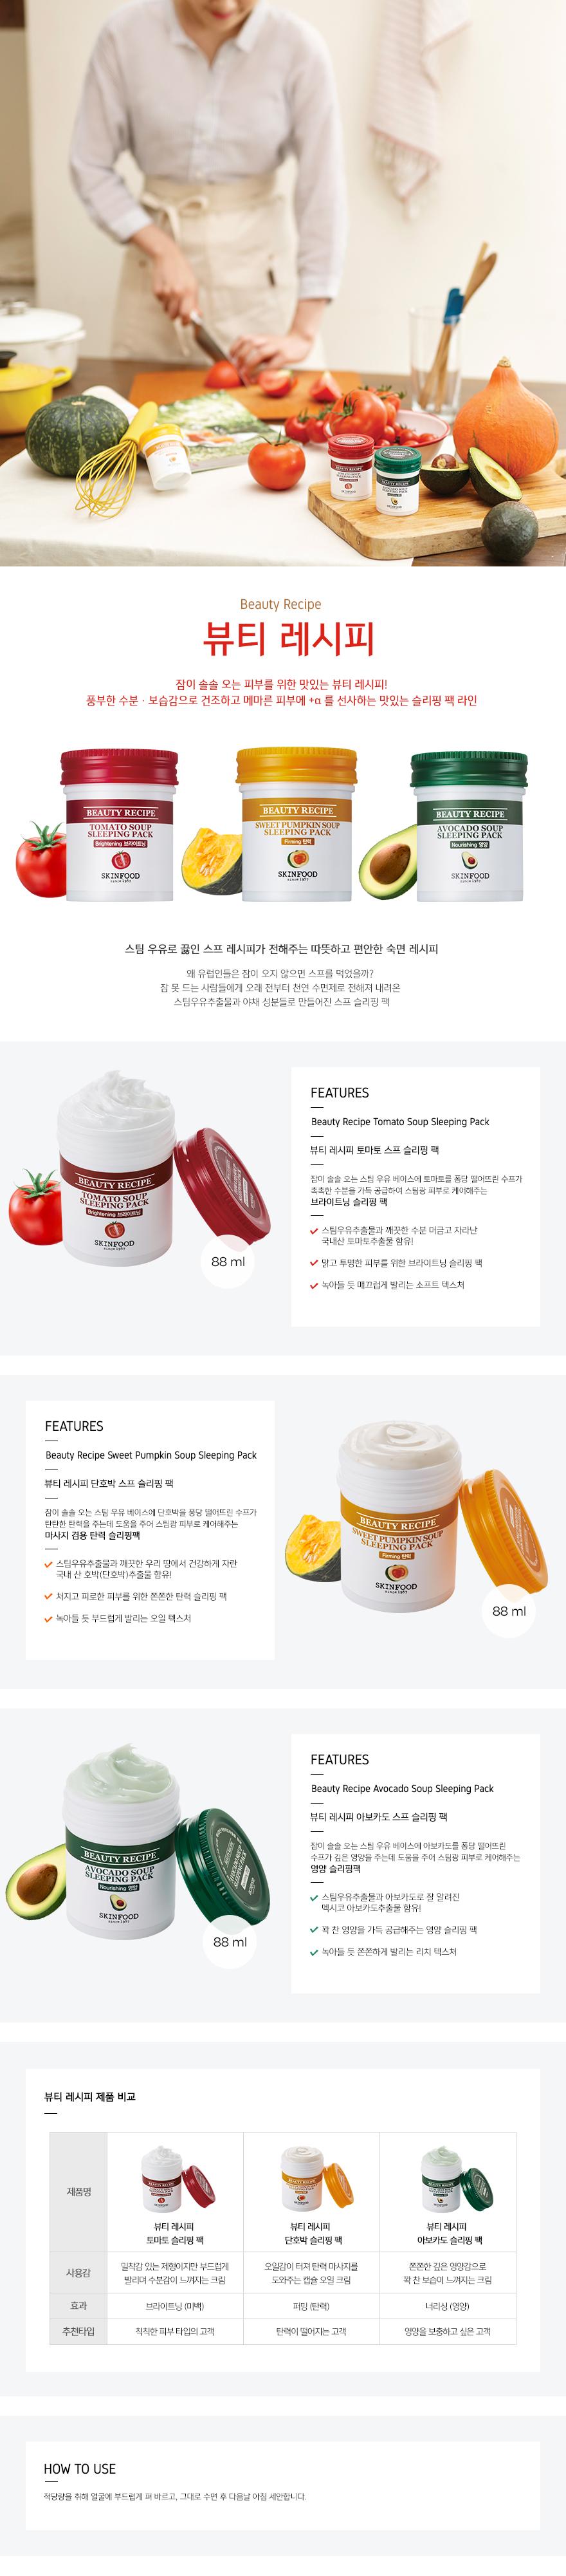 skinfood-beauty-recipe-sleeping-pack-88ml-1.jpg